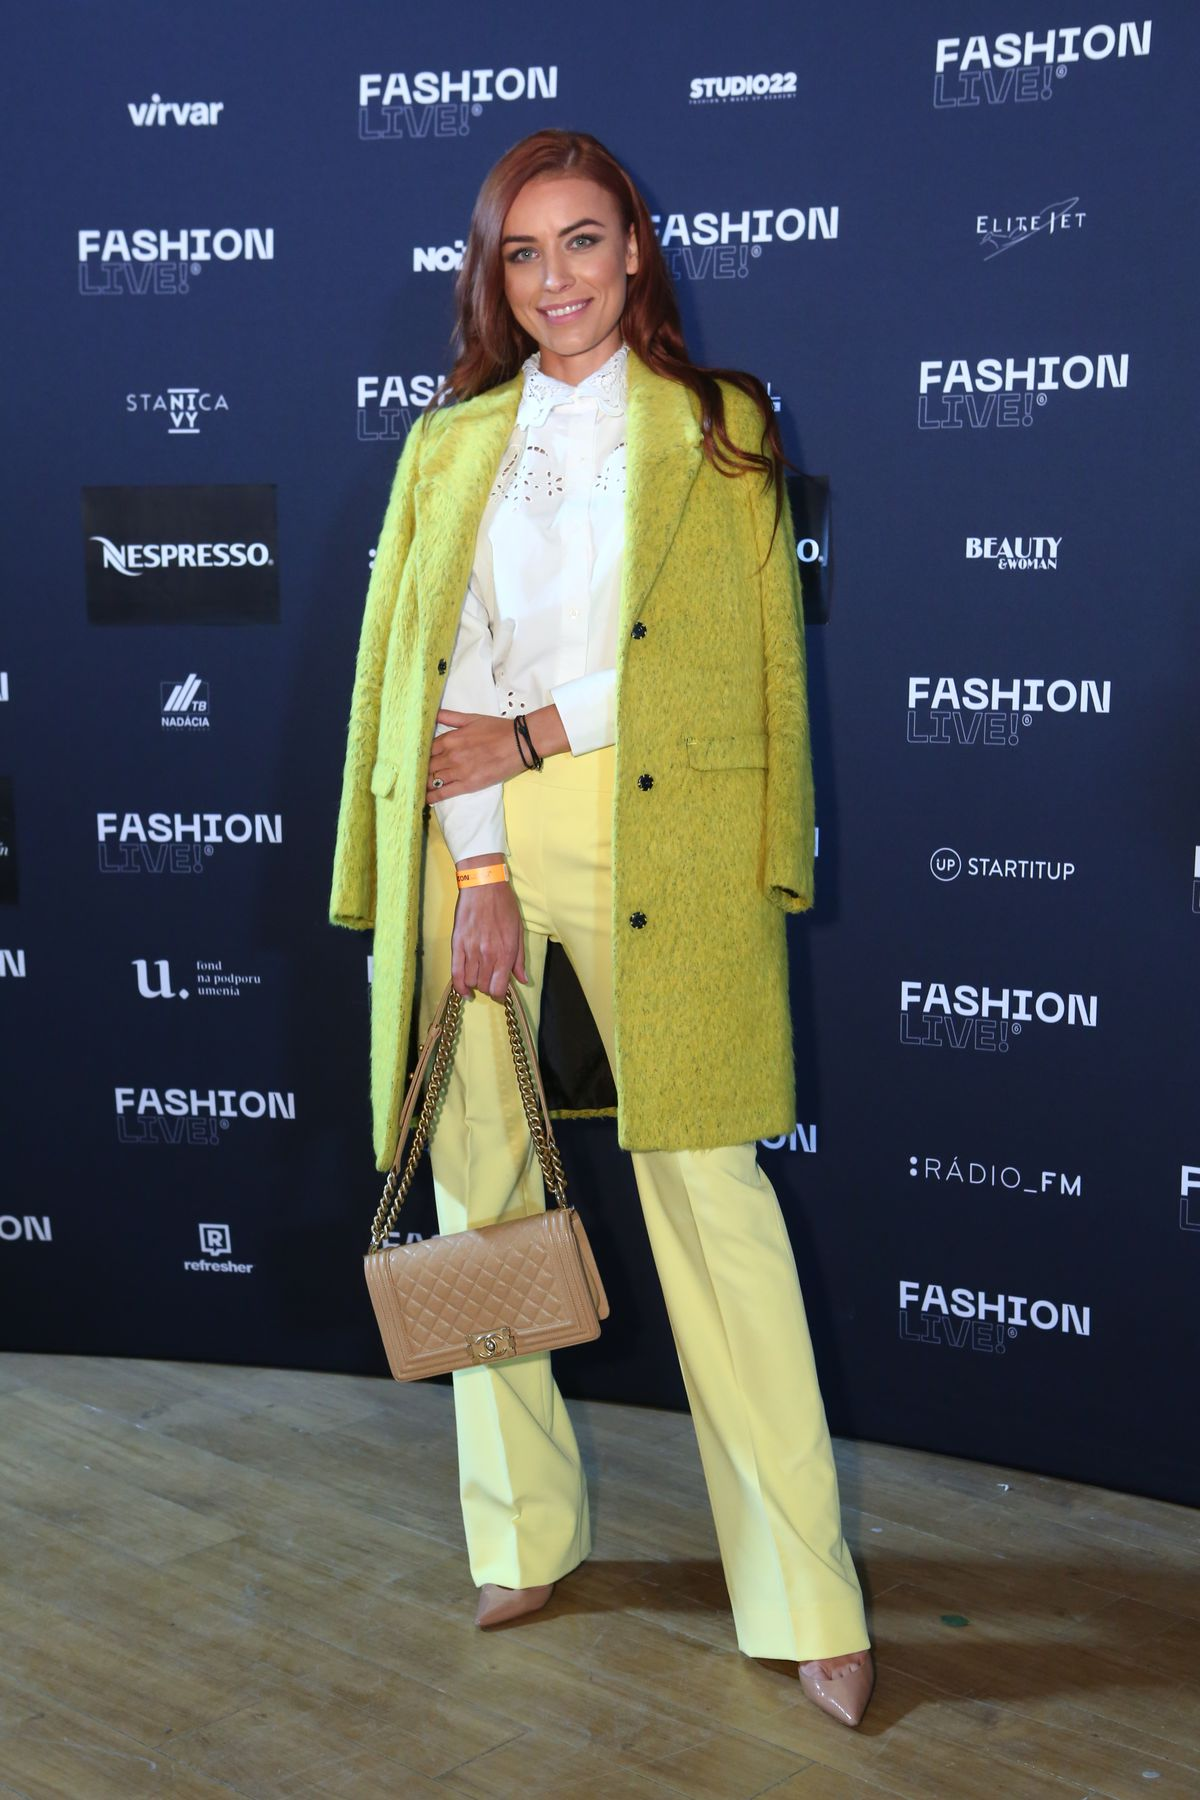 Medzi hosťami tretieho dňa Fashion LIVE! bola...